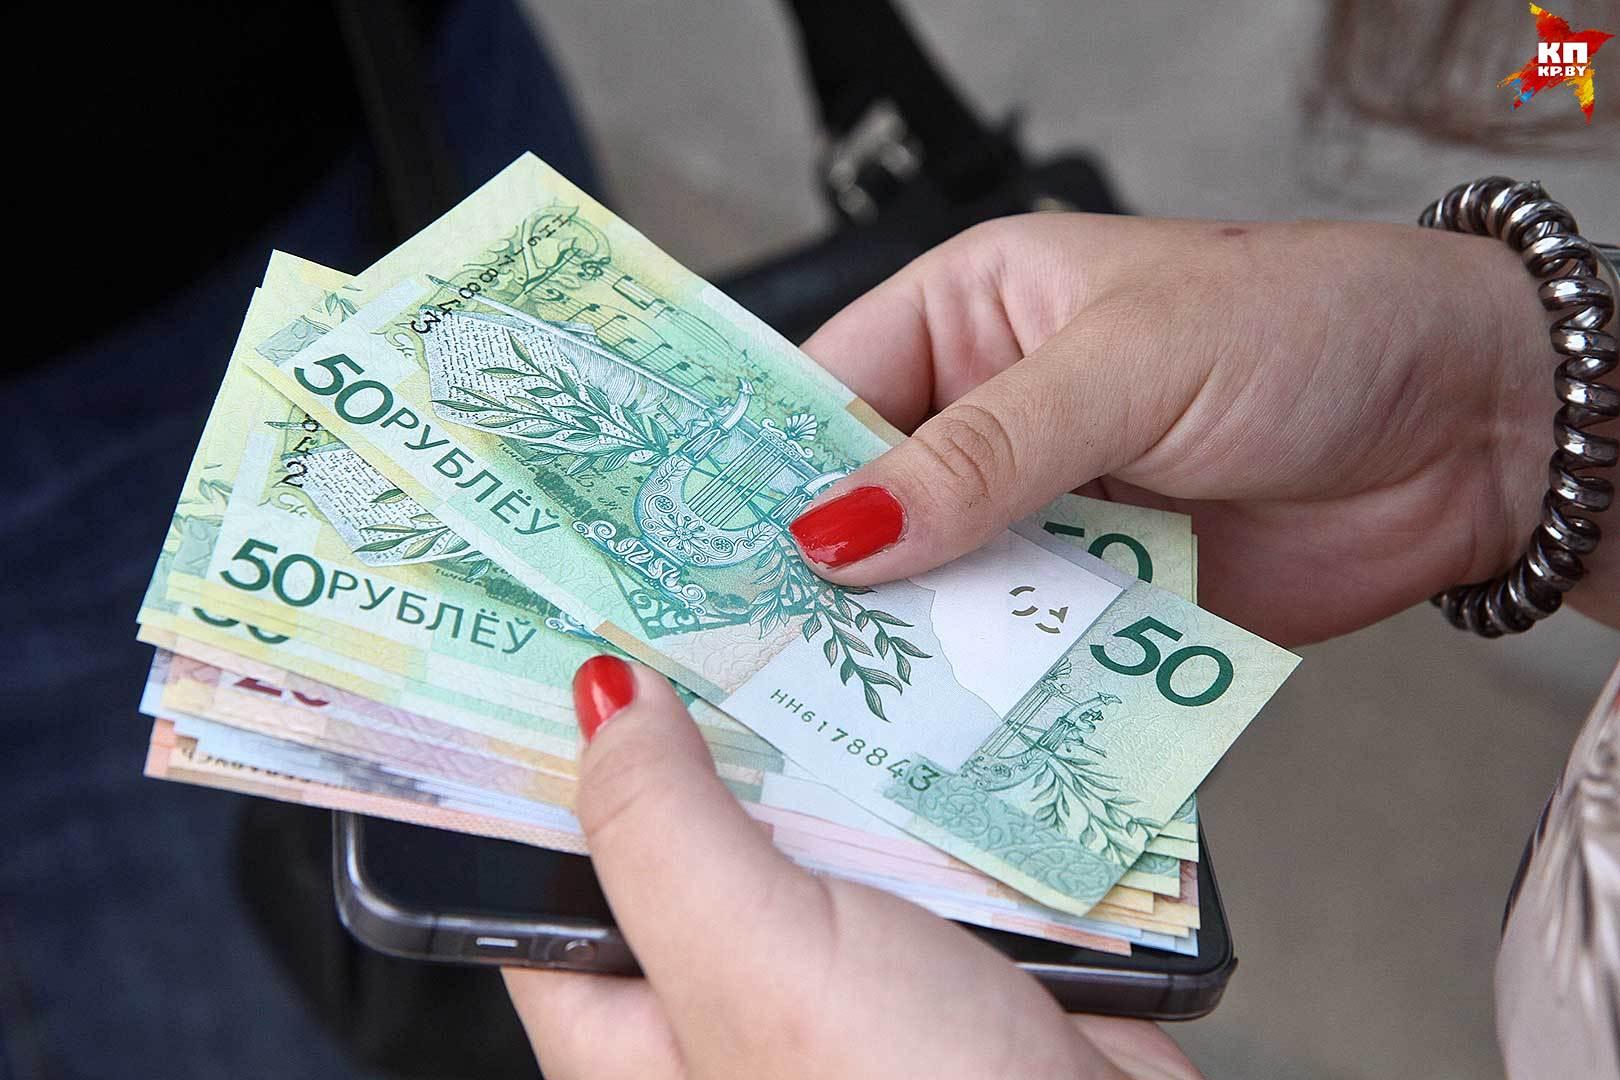 Белорусы, у которых все-таки есть счет в банке, пополняют его крайне редко.